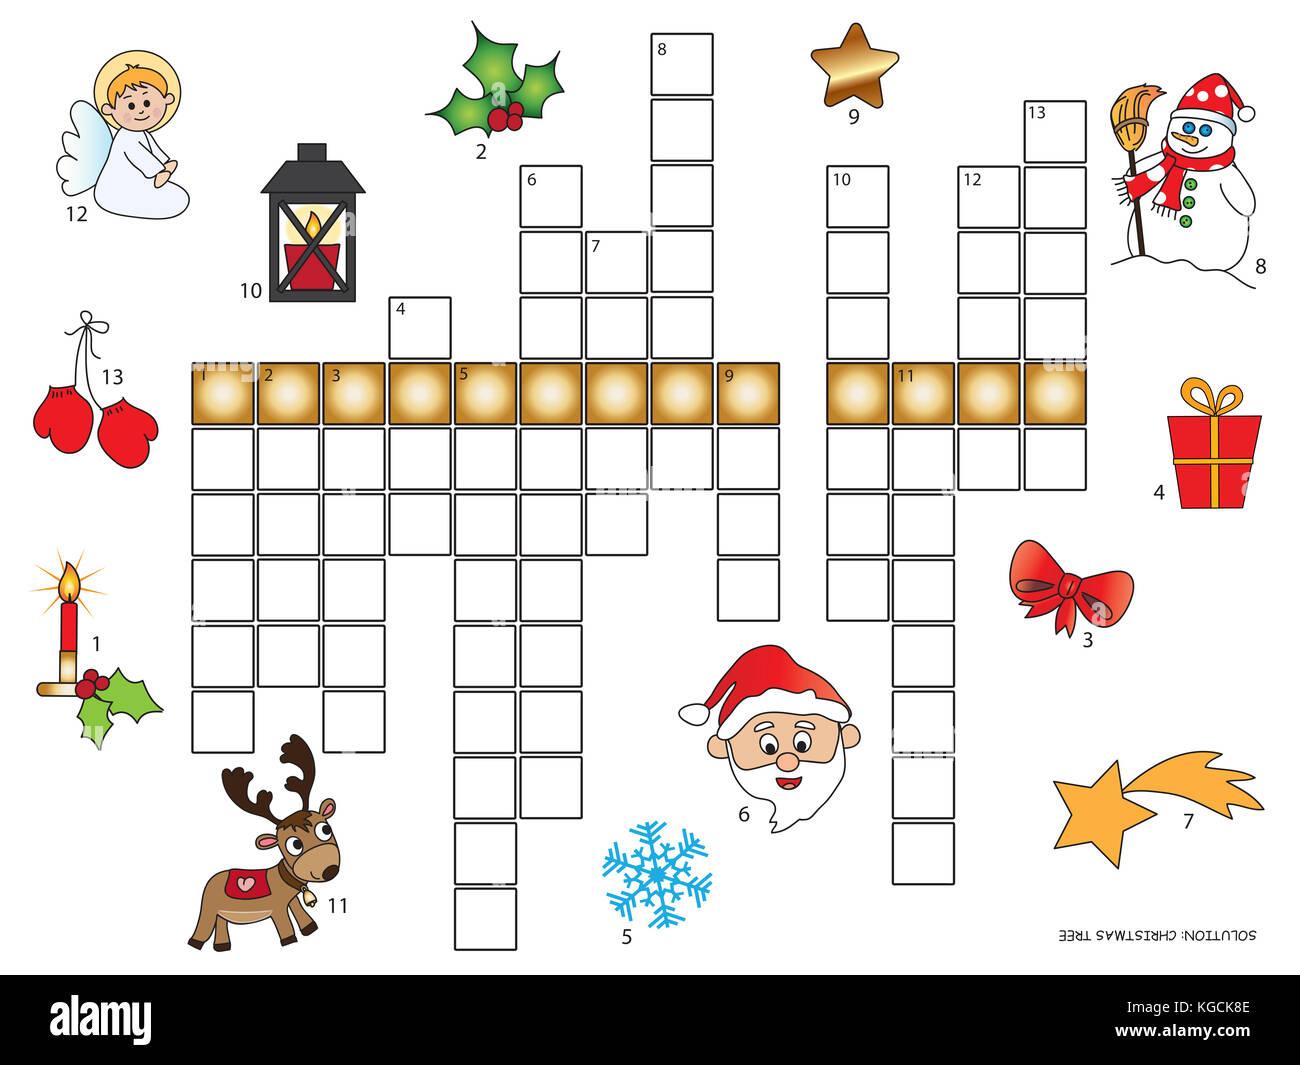 Juego Para Ninos Crucigramas Navidad Foto Imagen De Stock